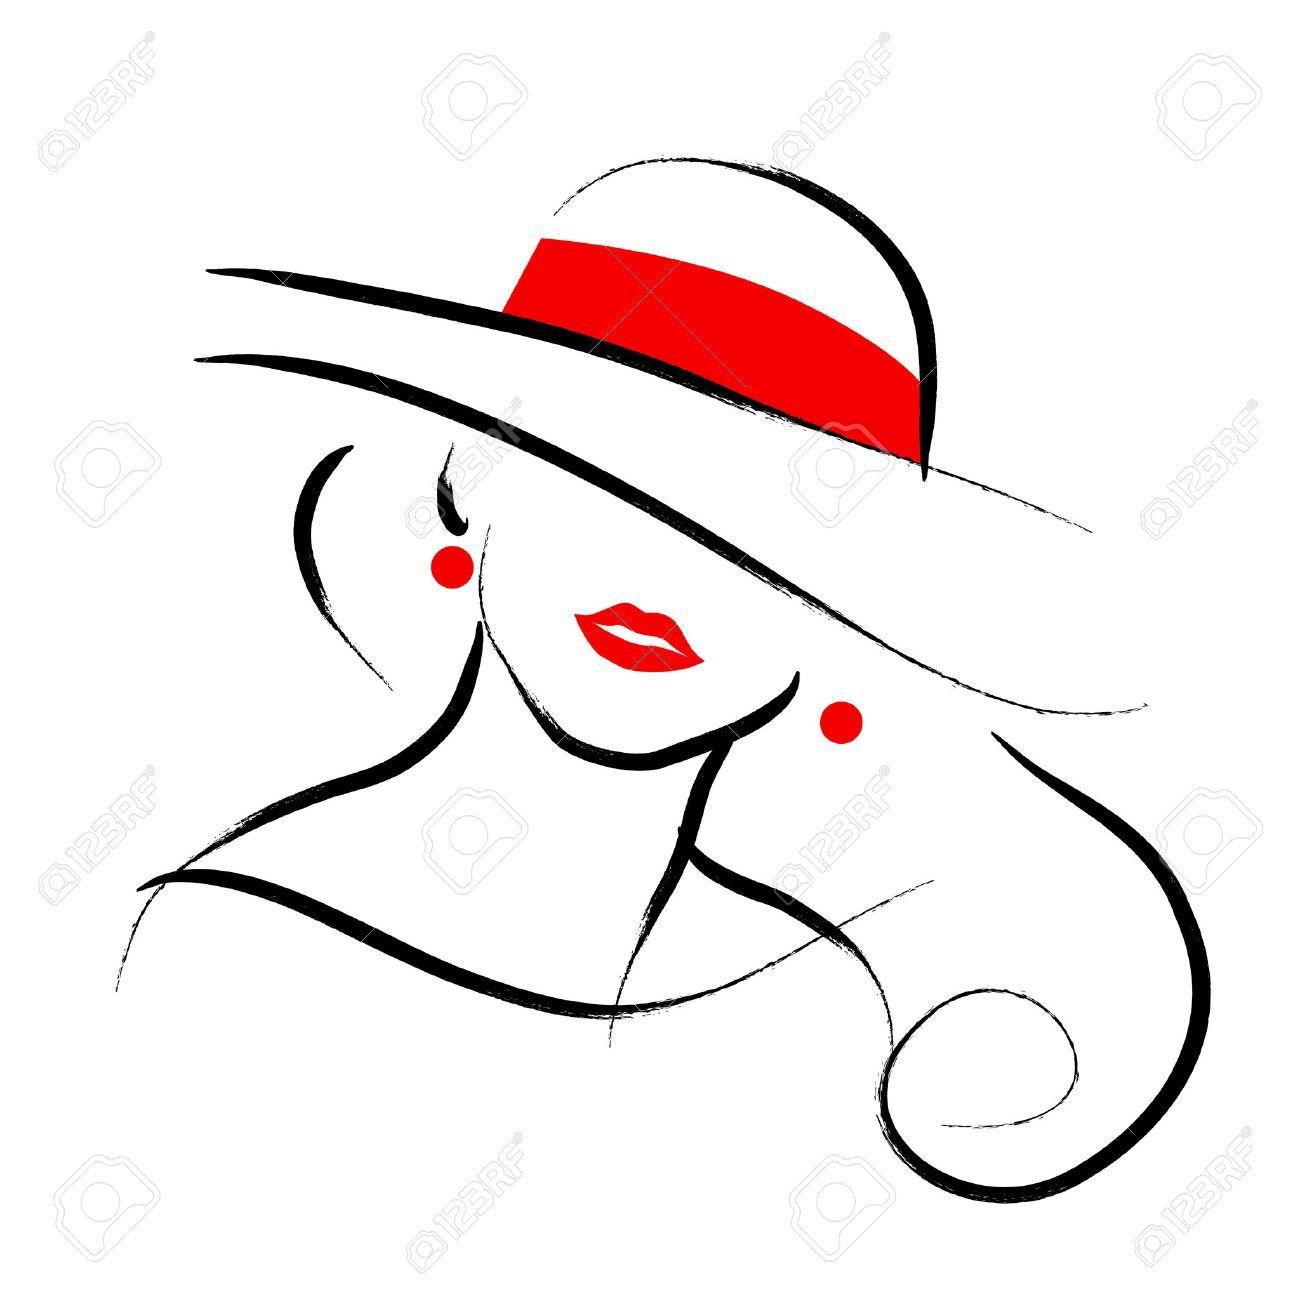 Lady hat clipart 4 » Clipart Portal.